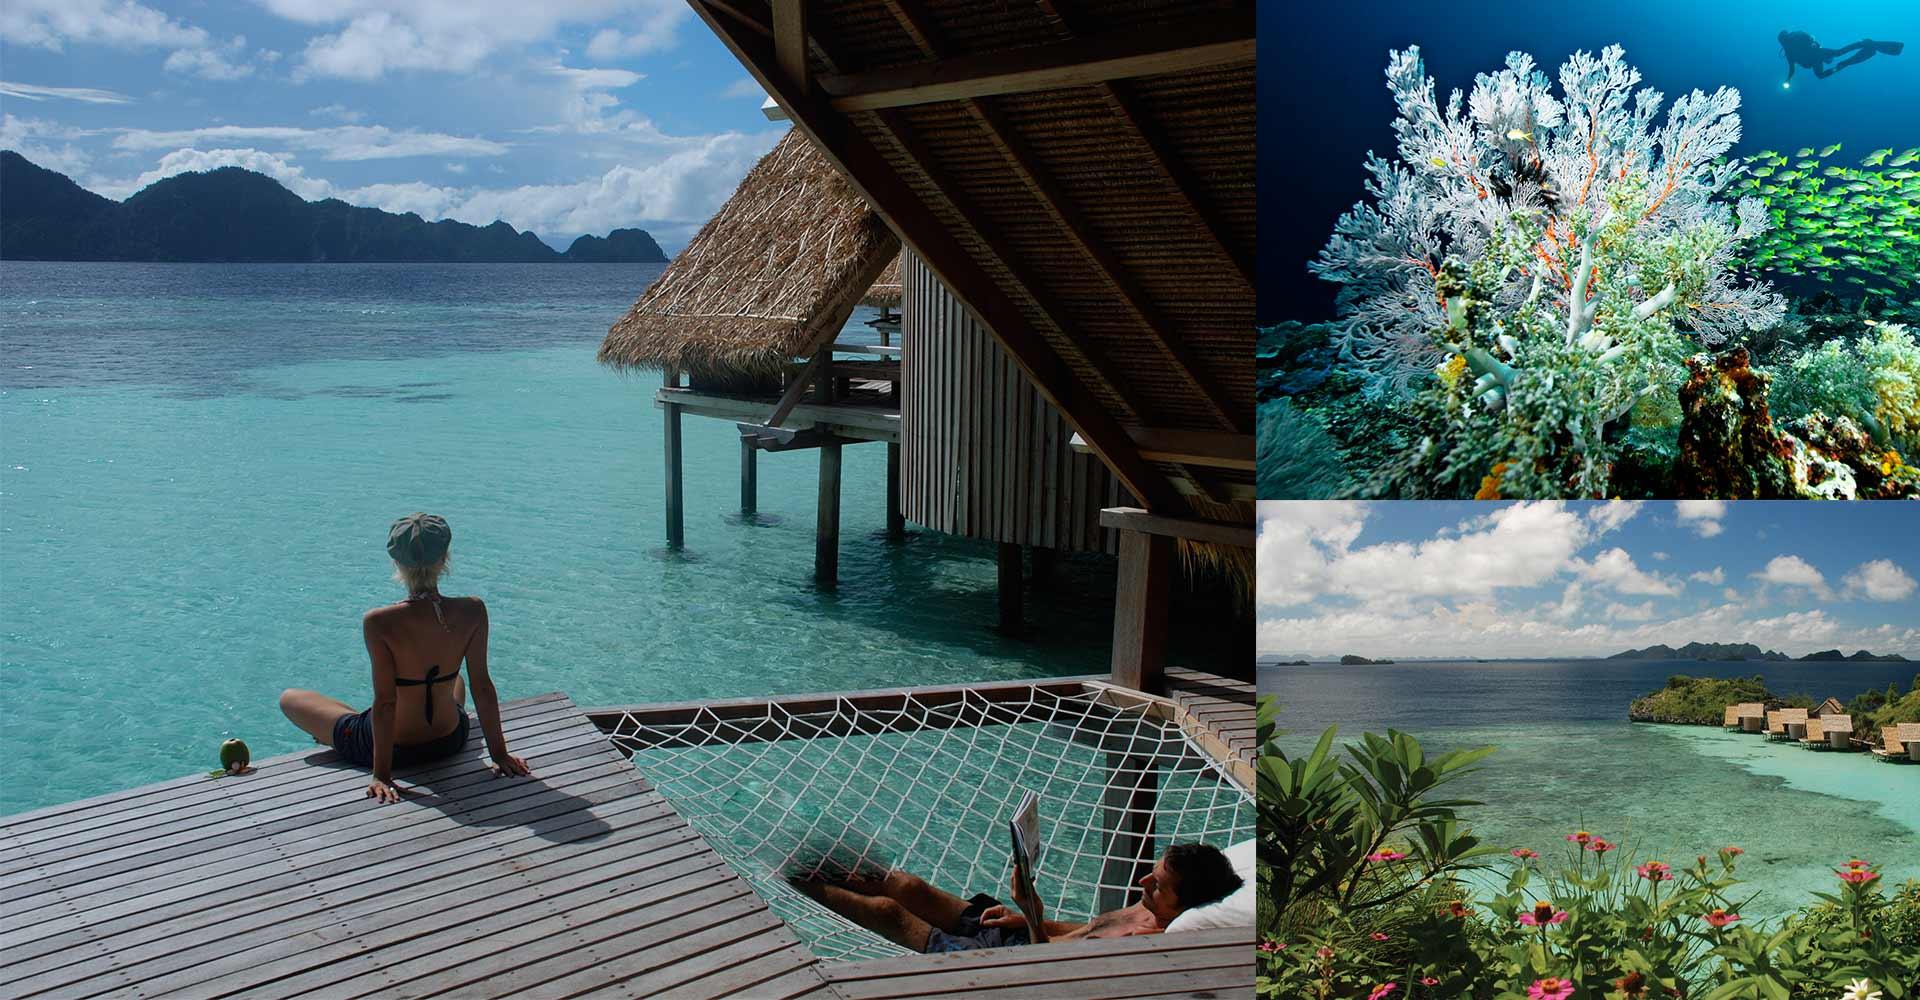 Raja ampat eco dive resort misool eco resort indonesia - Dive resort raja ampat ...